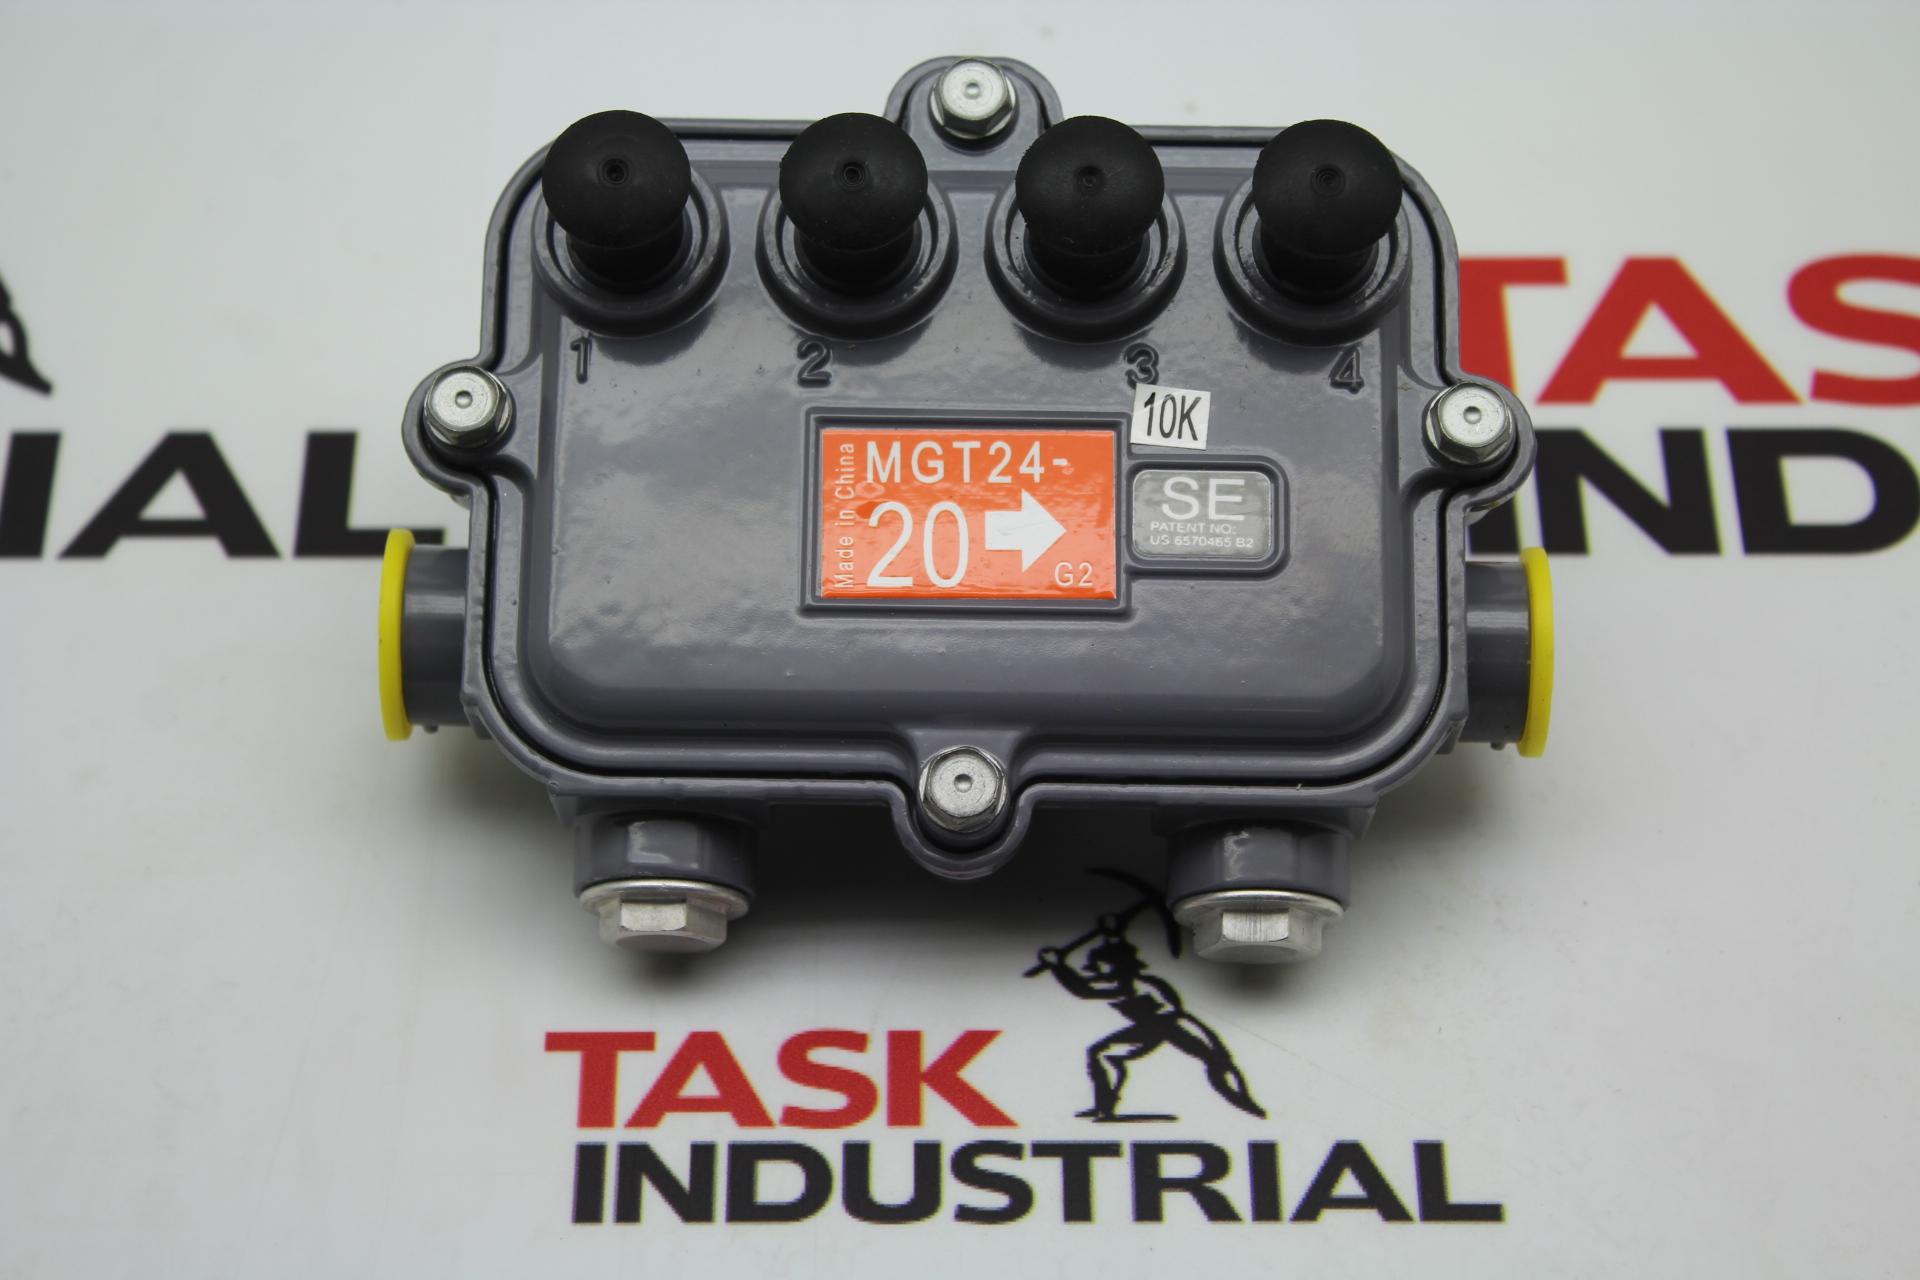 Milenium MGT24-20 Tap